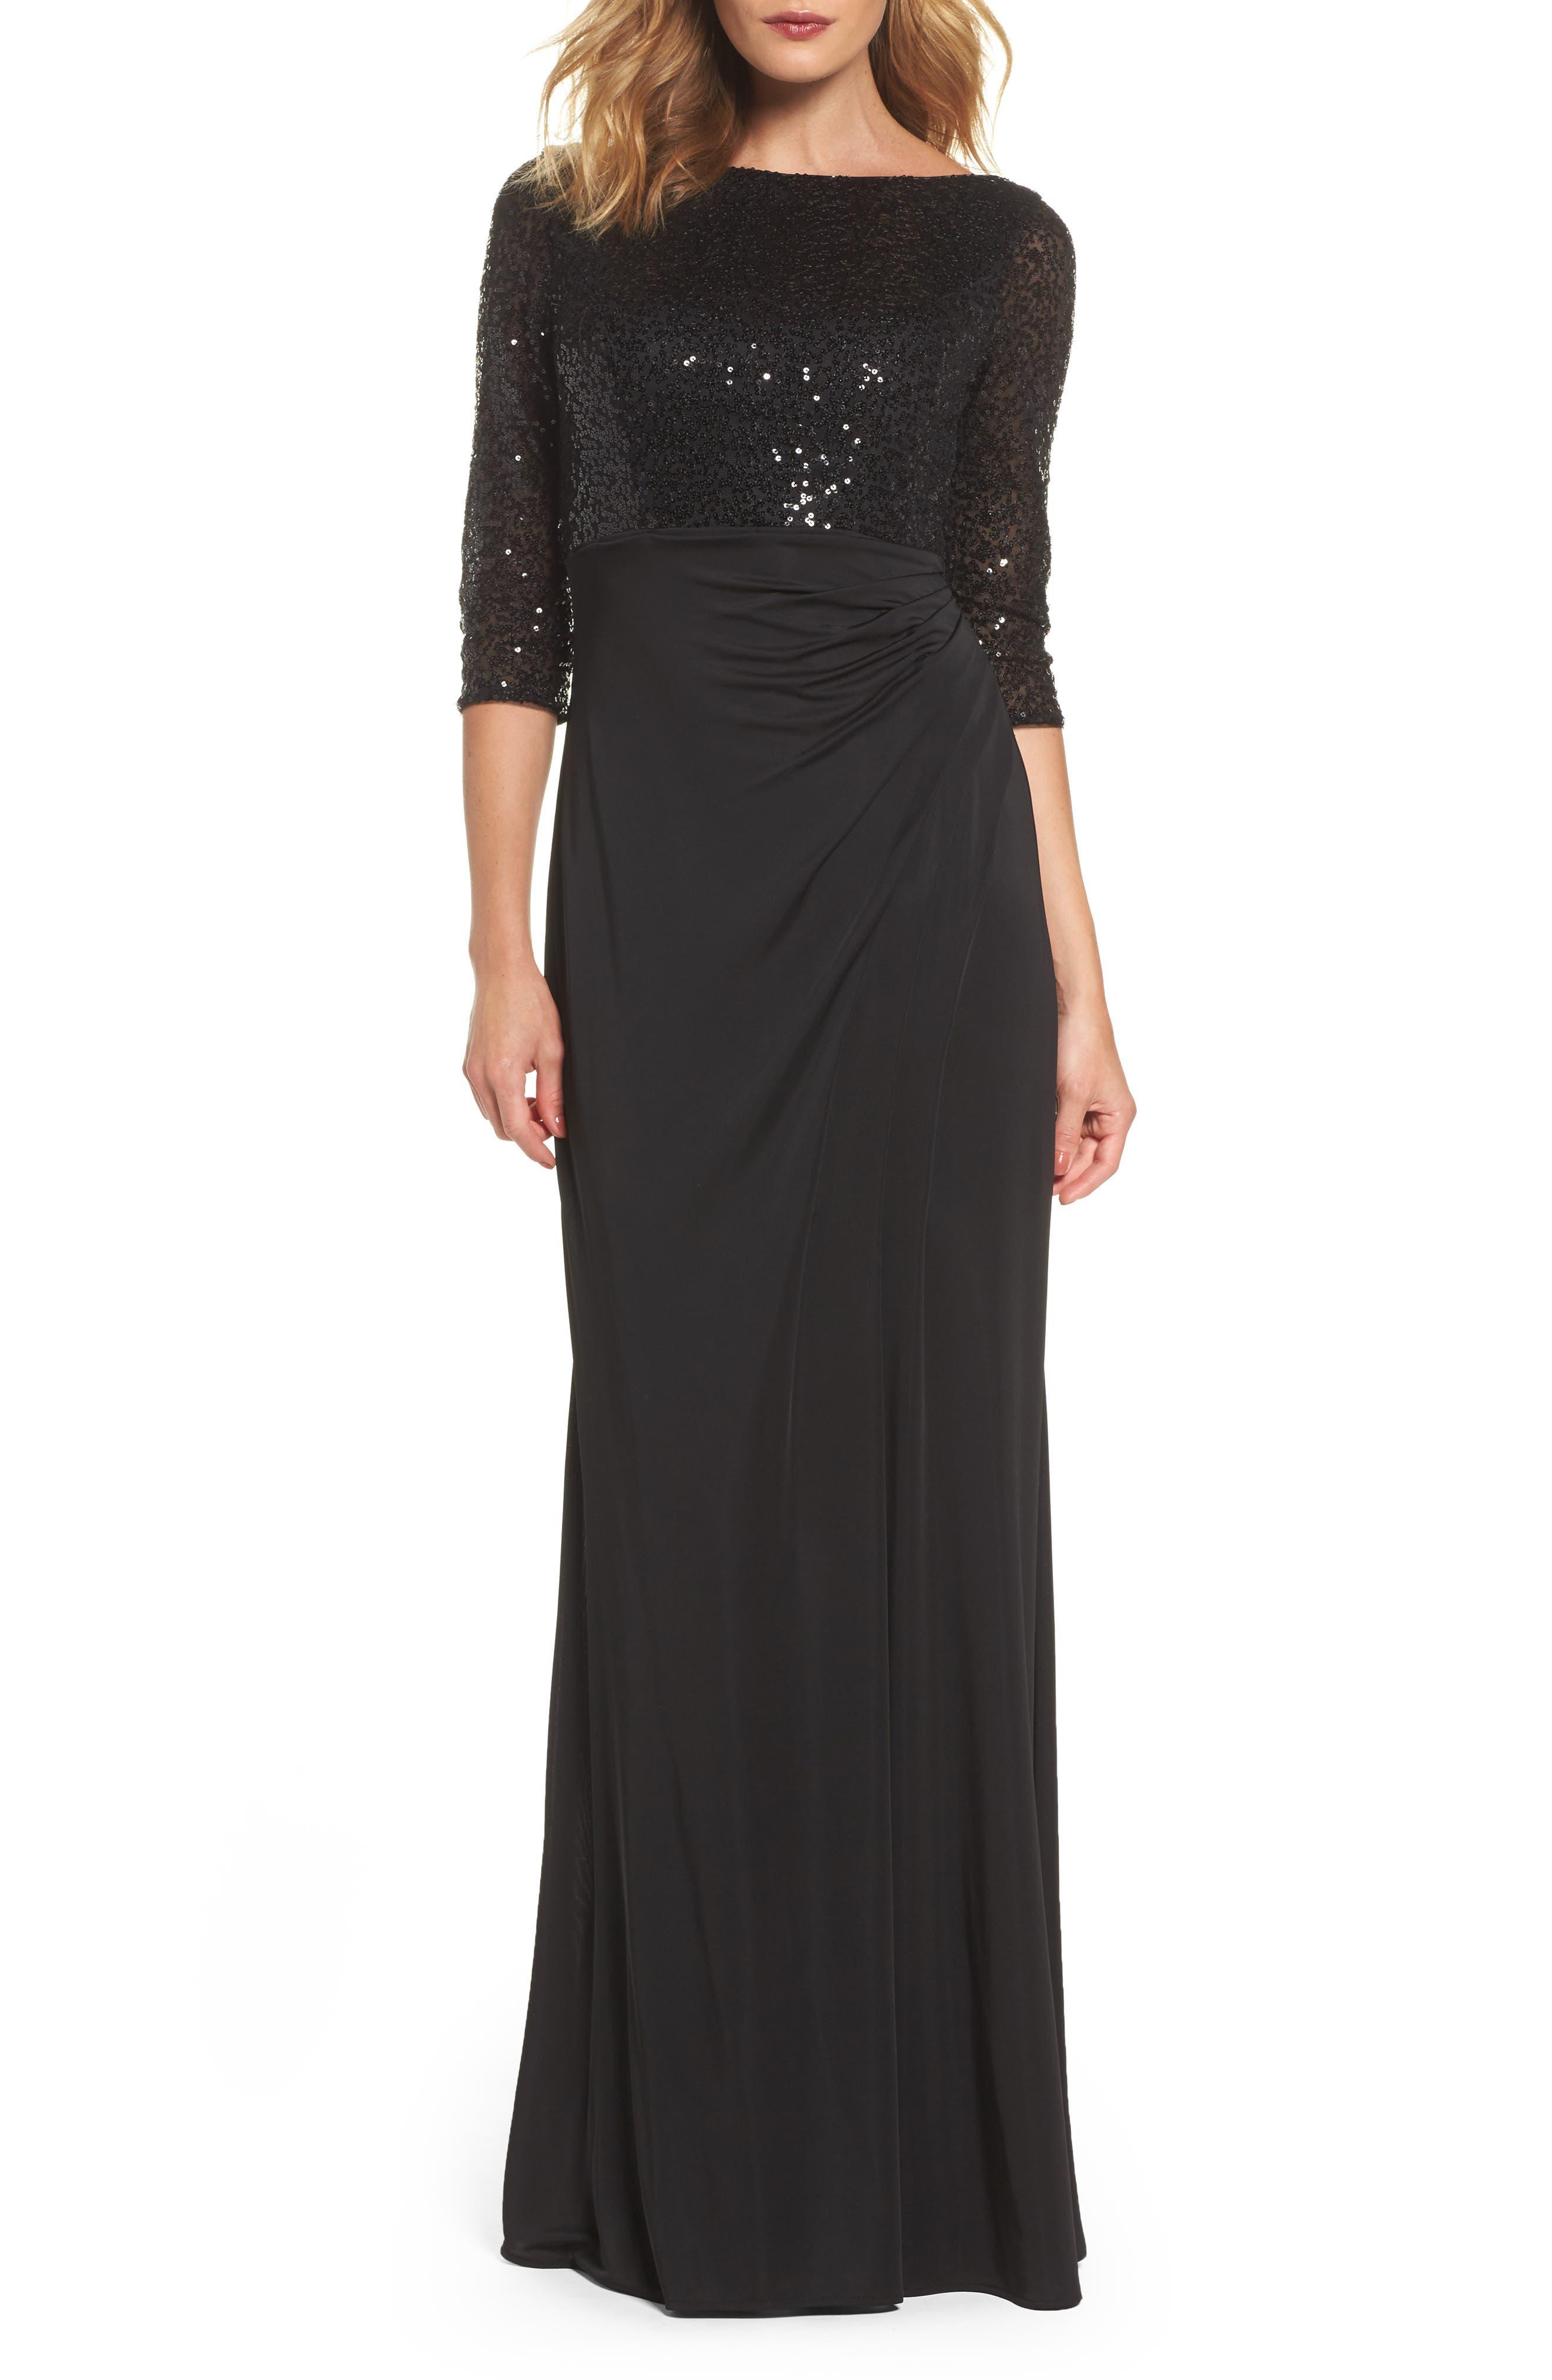 Main Image - La Femme Sequin & Jersey Gown